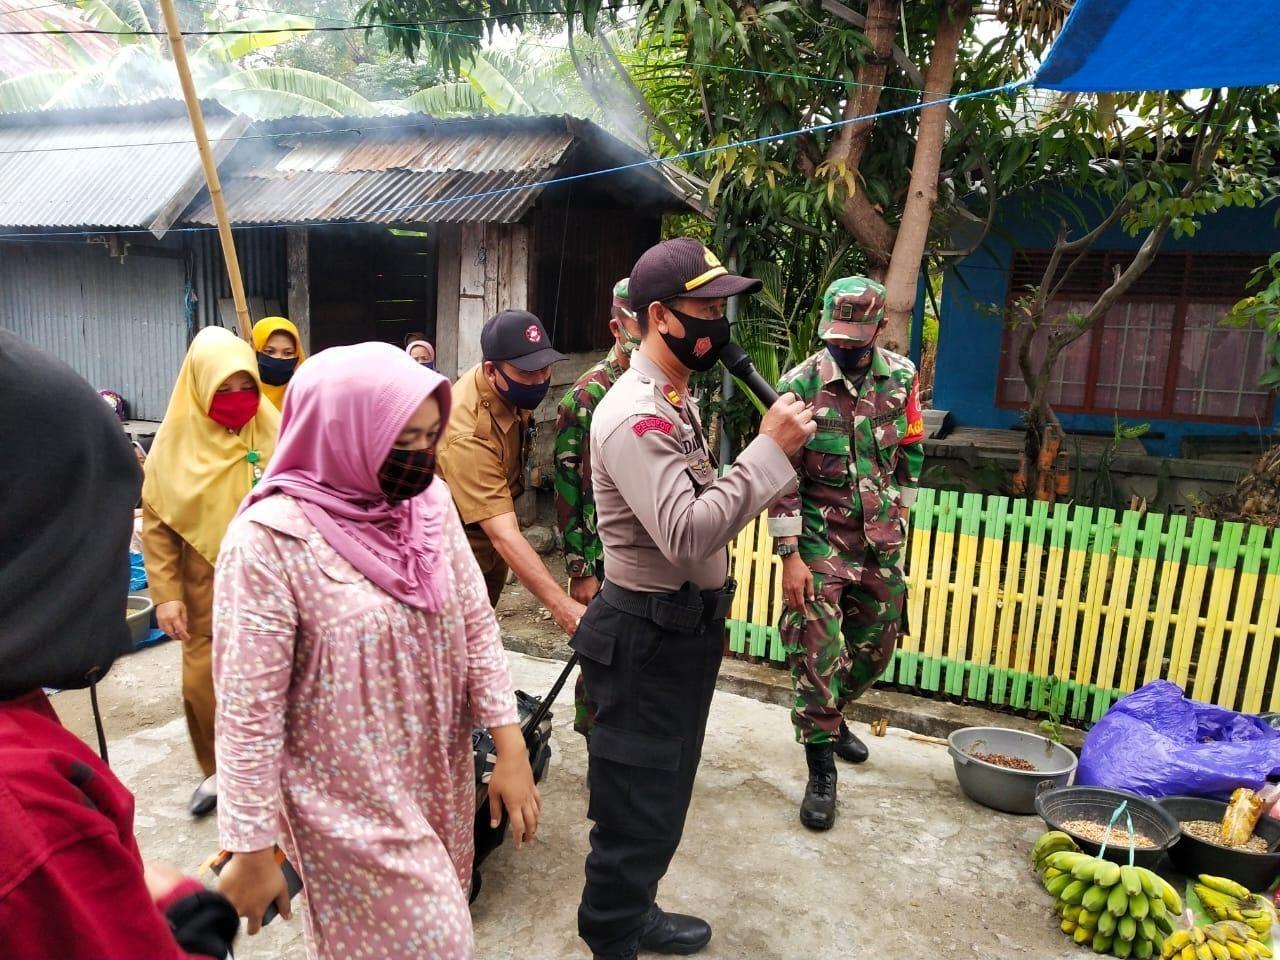 Cegah Penyebaran Covid-19, Kapolsek Pamboang Beri Edukasi Pakai Masker di Pasar Sirindu